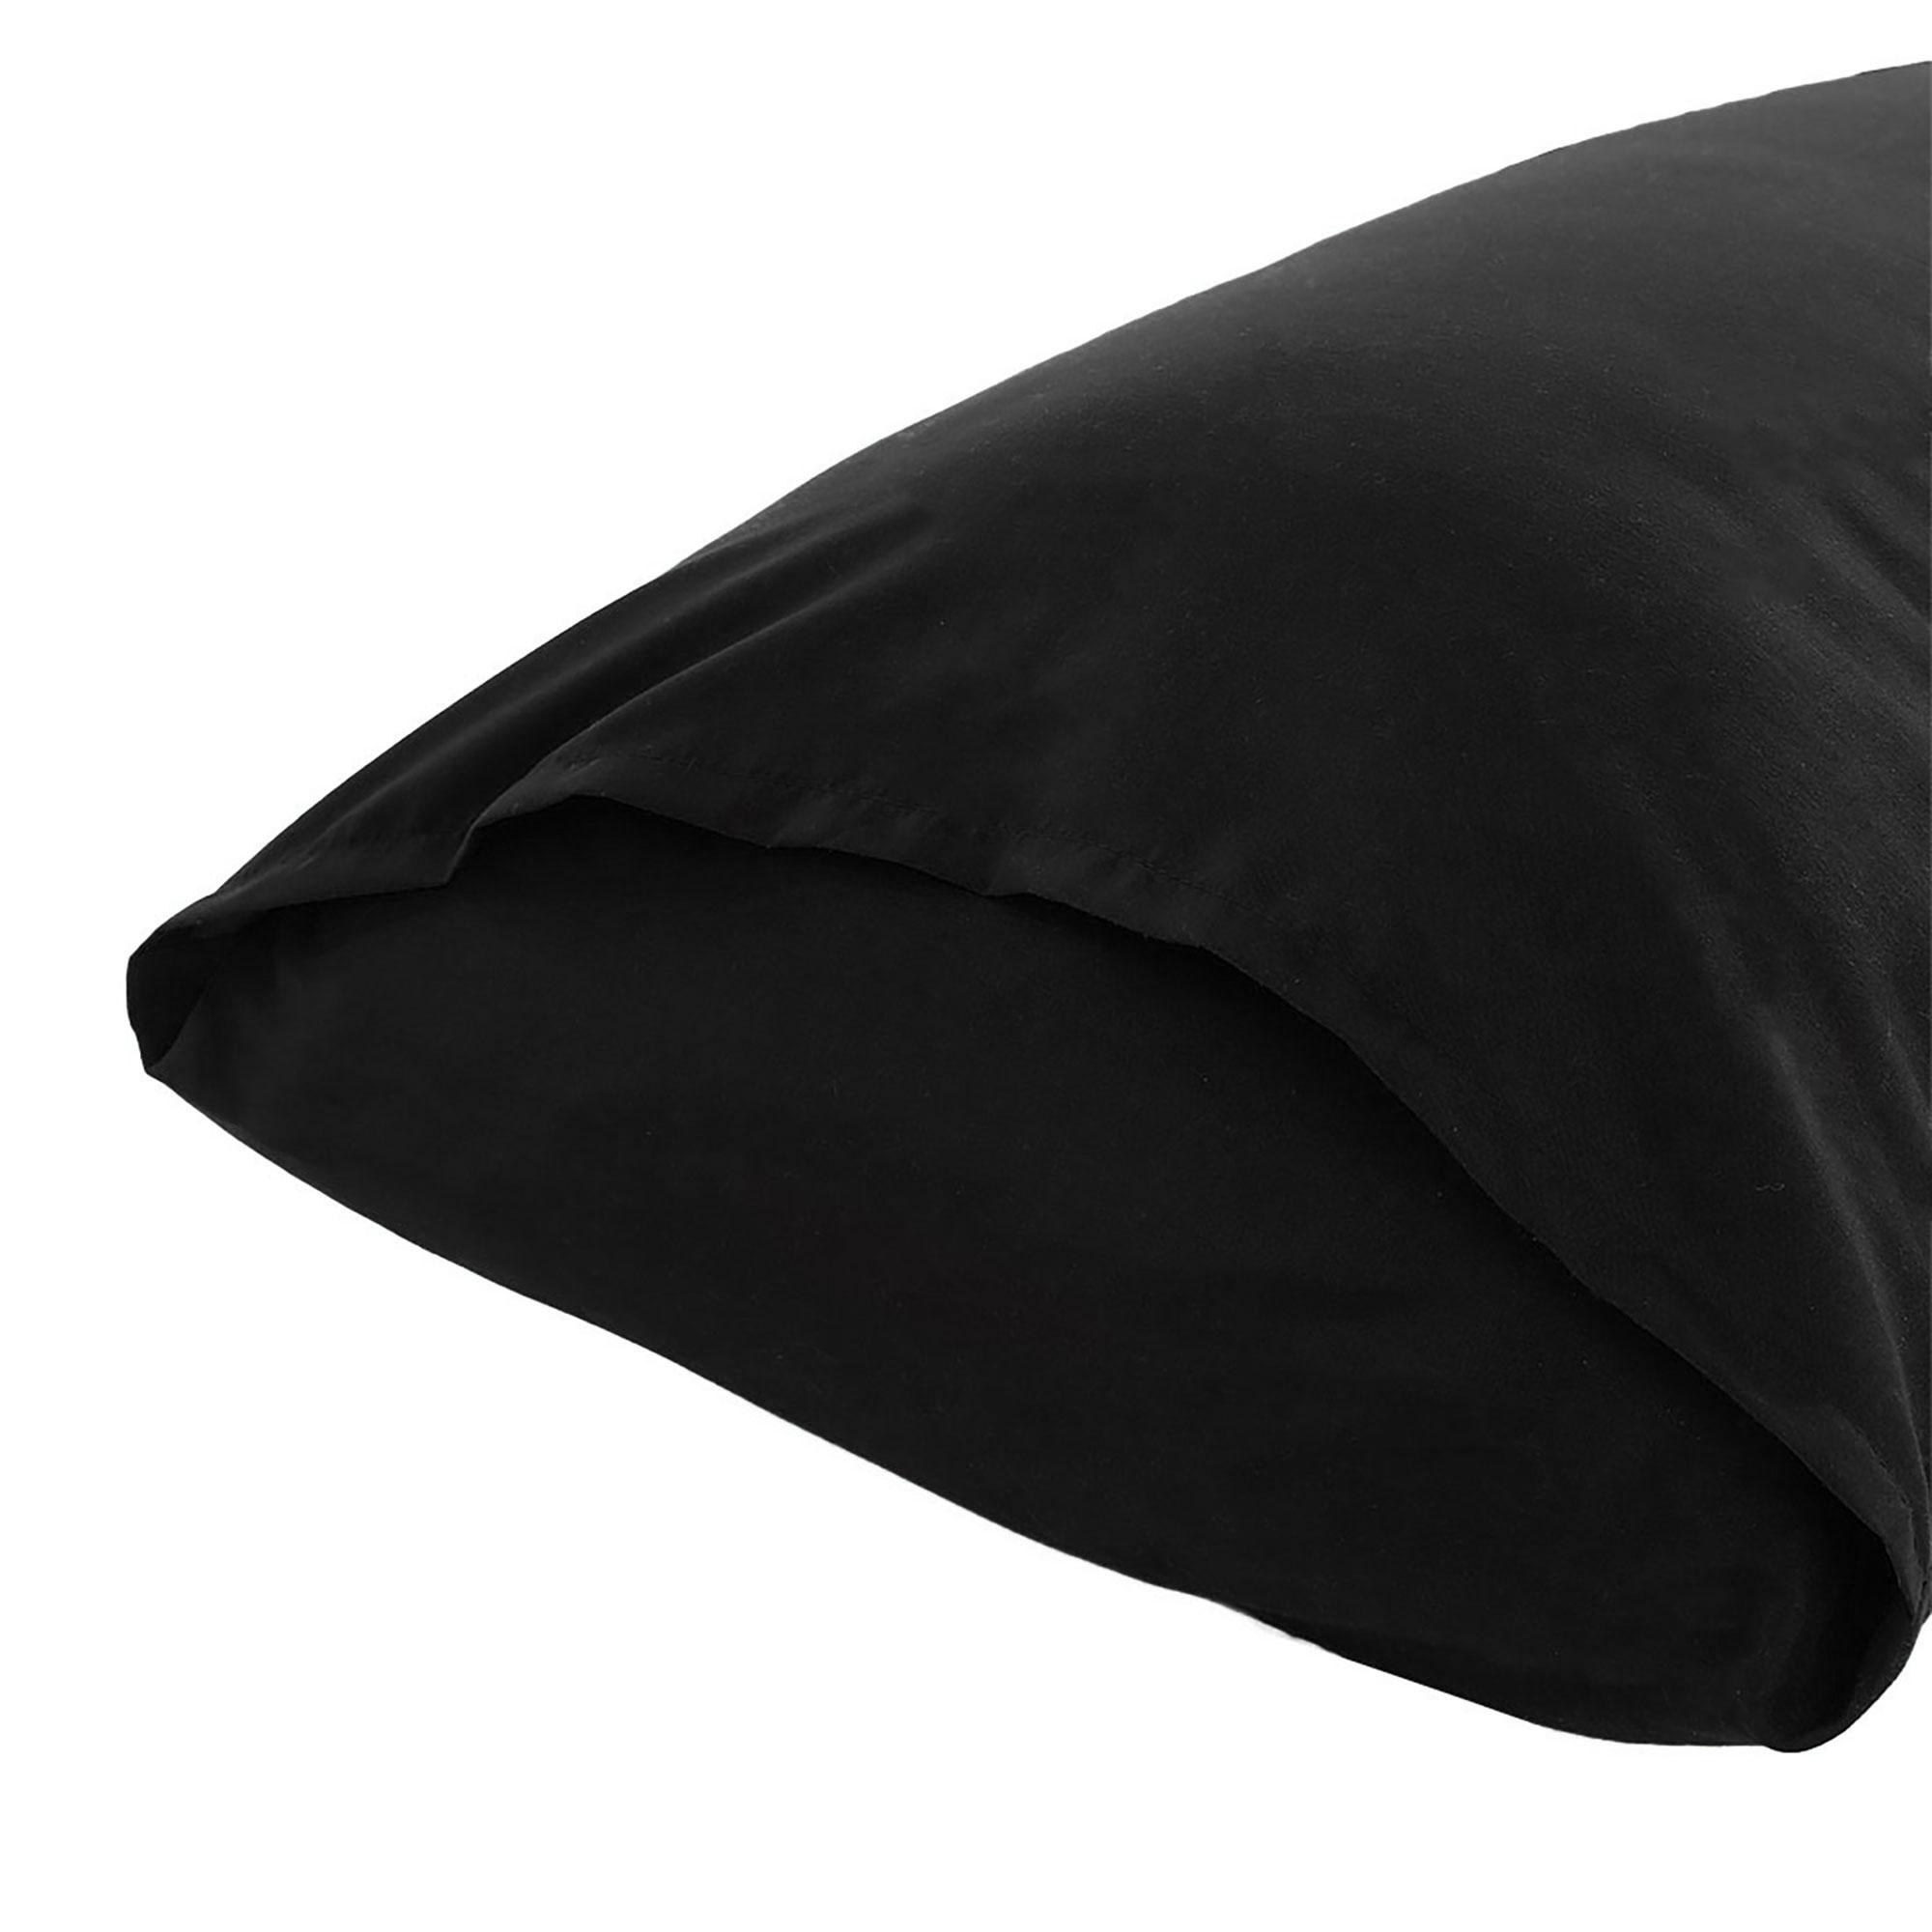 """Body Pillow Case Microfiber Long Bedding Covers for Body Pillows Black 20""""x60"""" - image 4 de 7"""